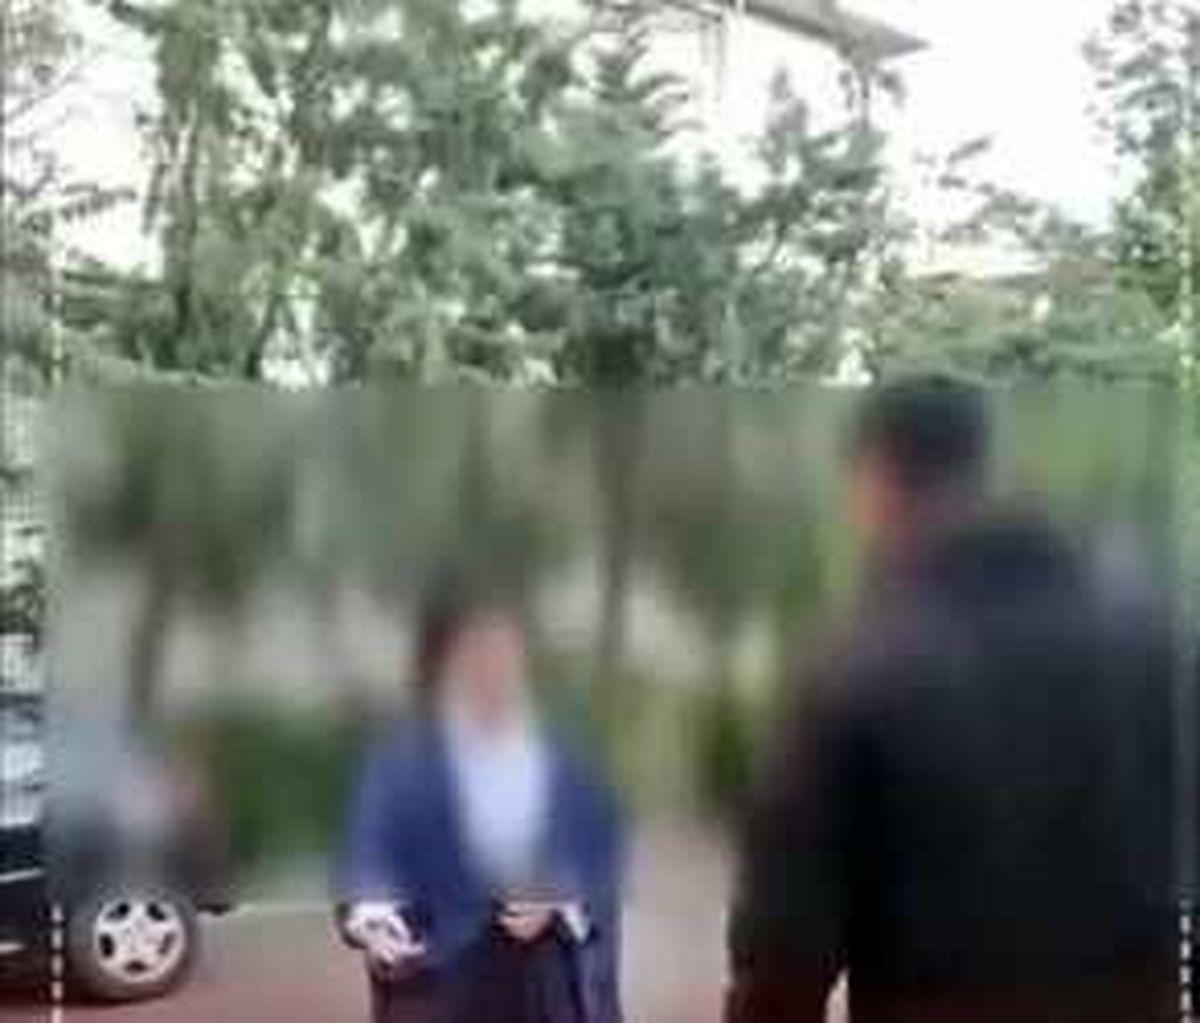 دستگیری فردی که به یک روحانی در کیاشهر سیلی زد + فیلم